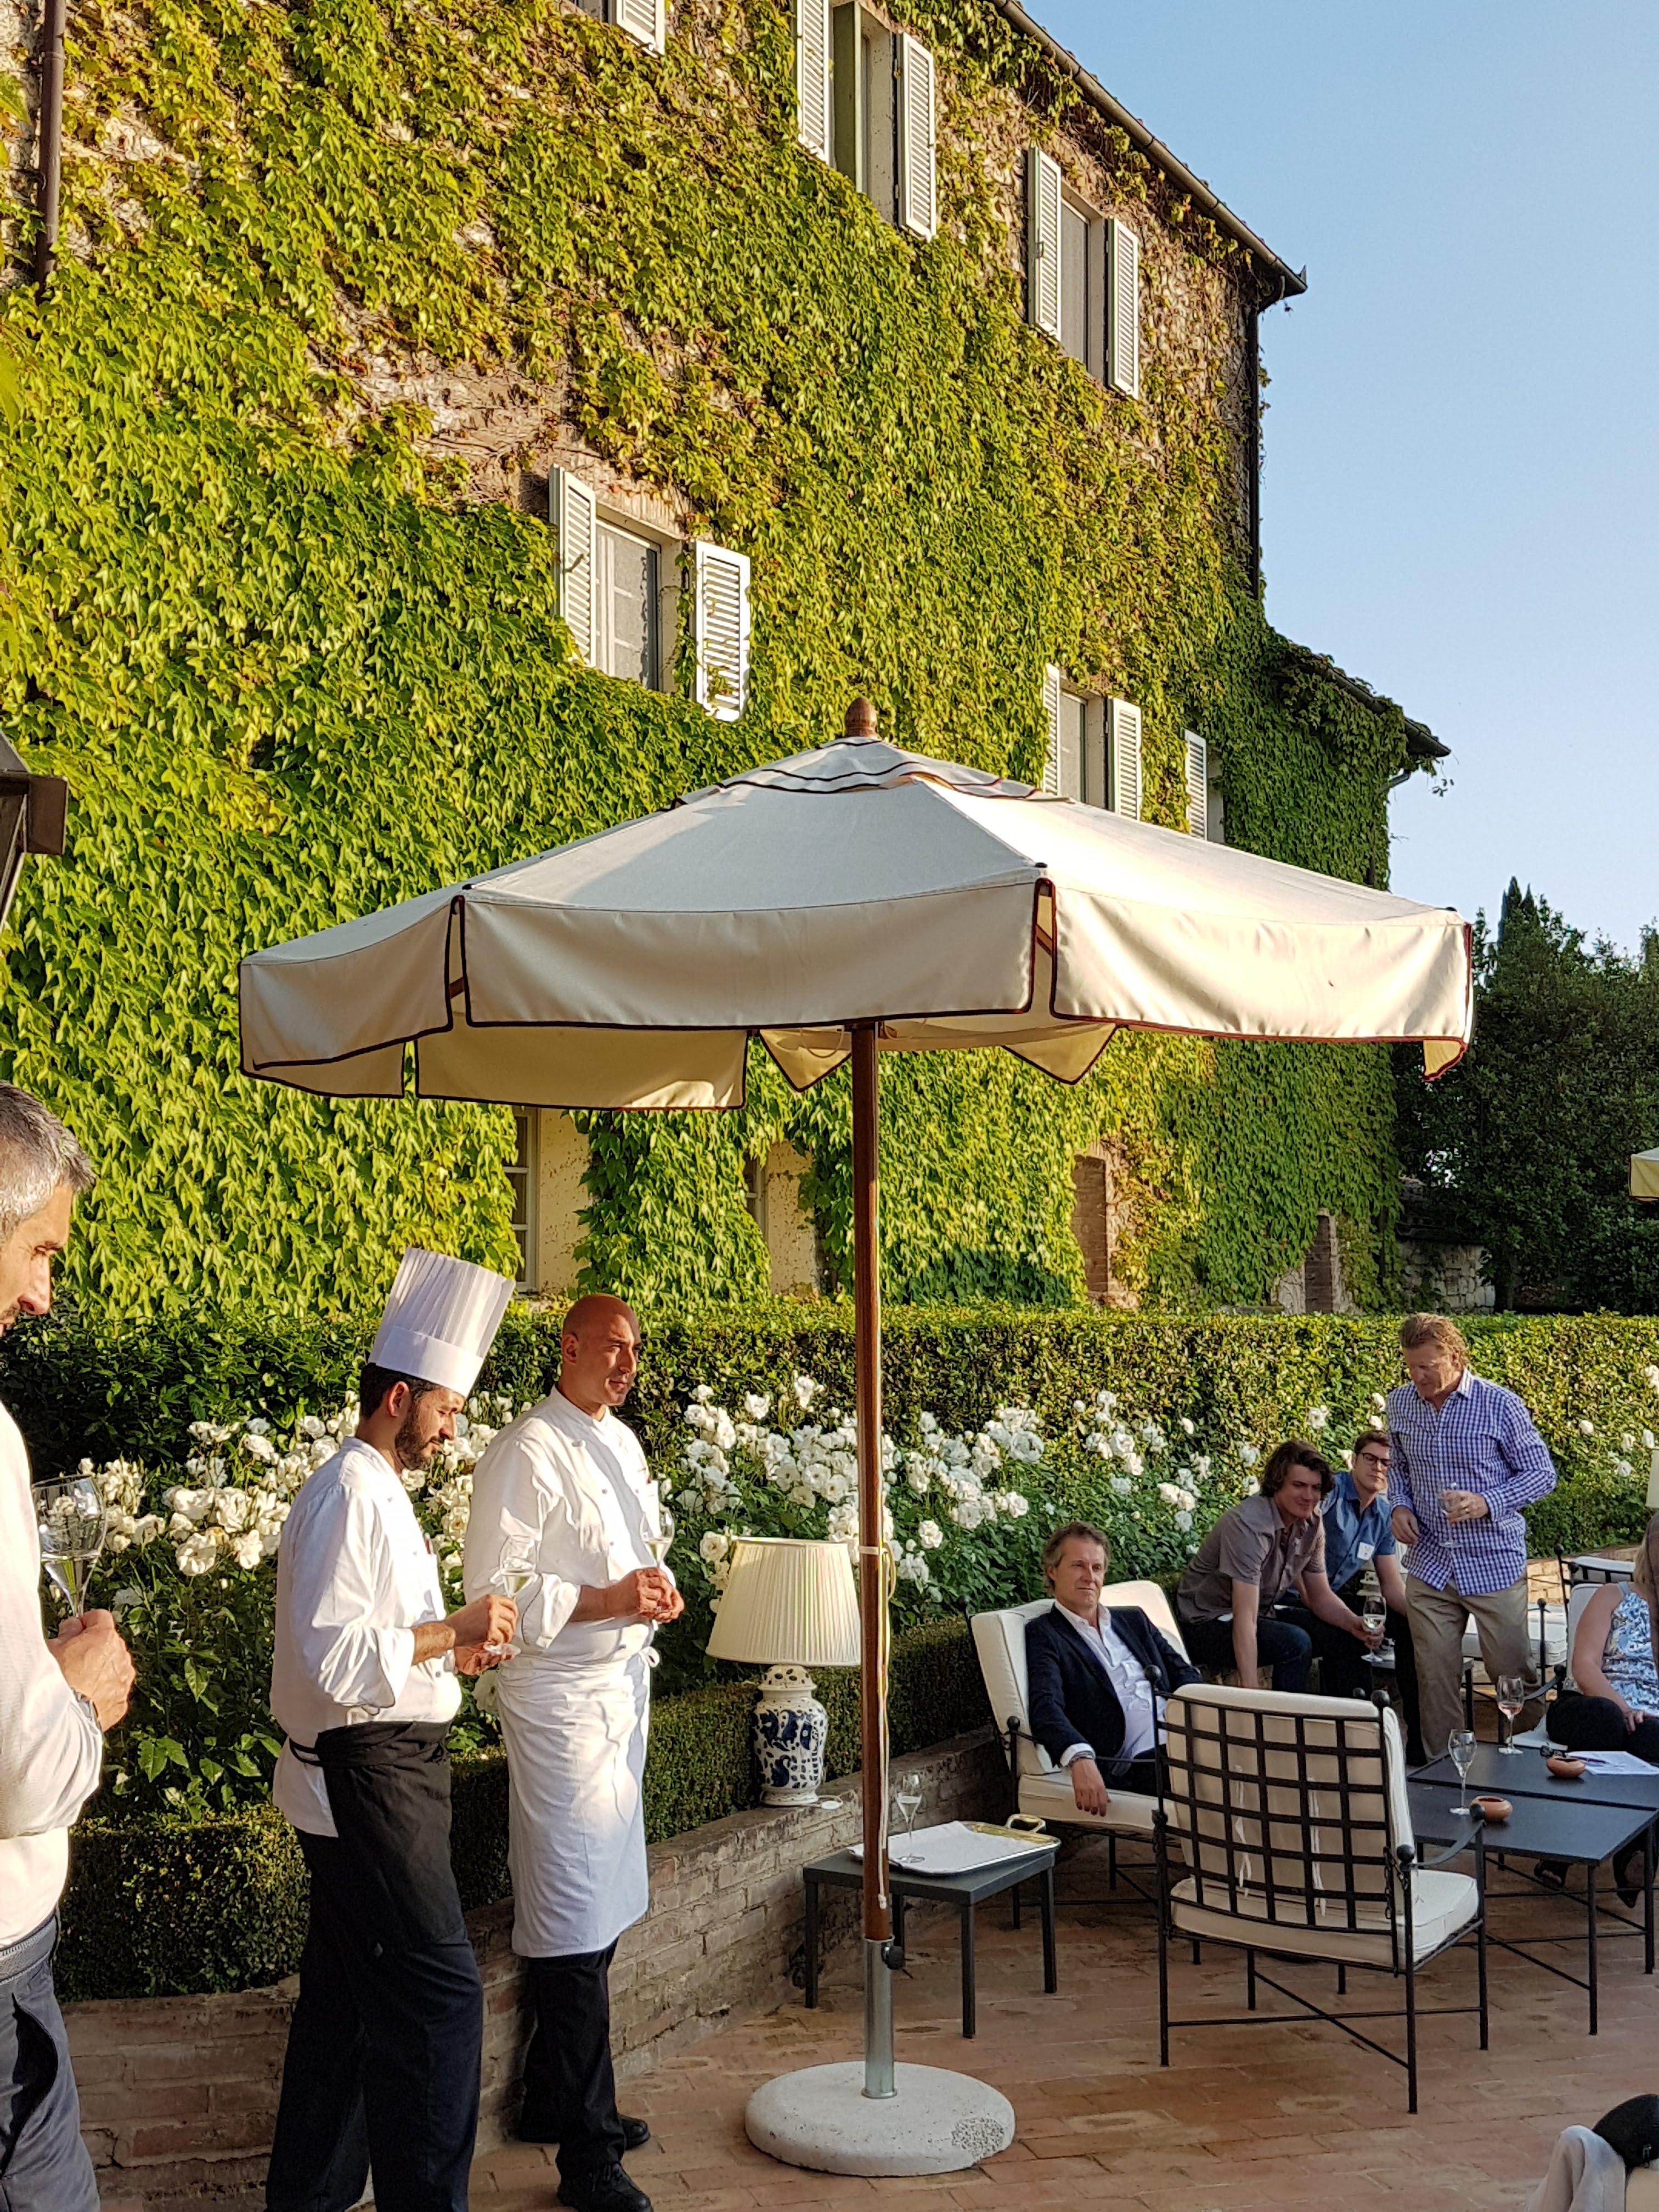 Tuscany Photo 3